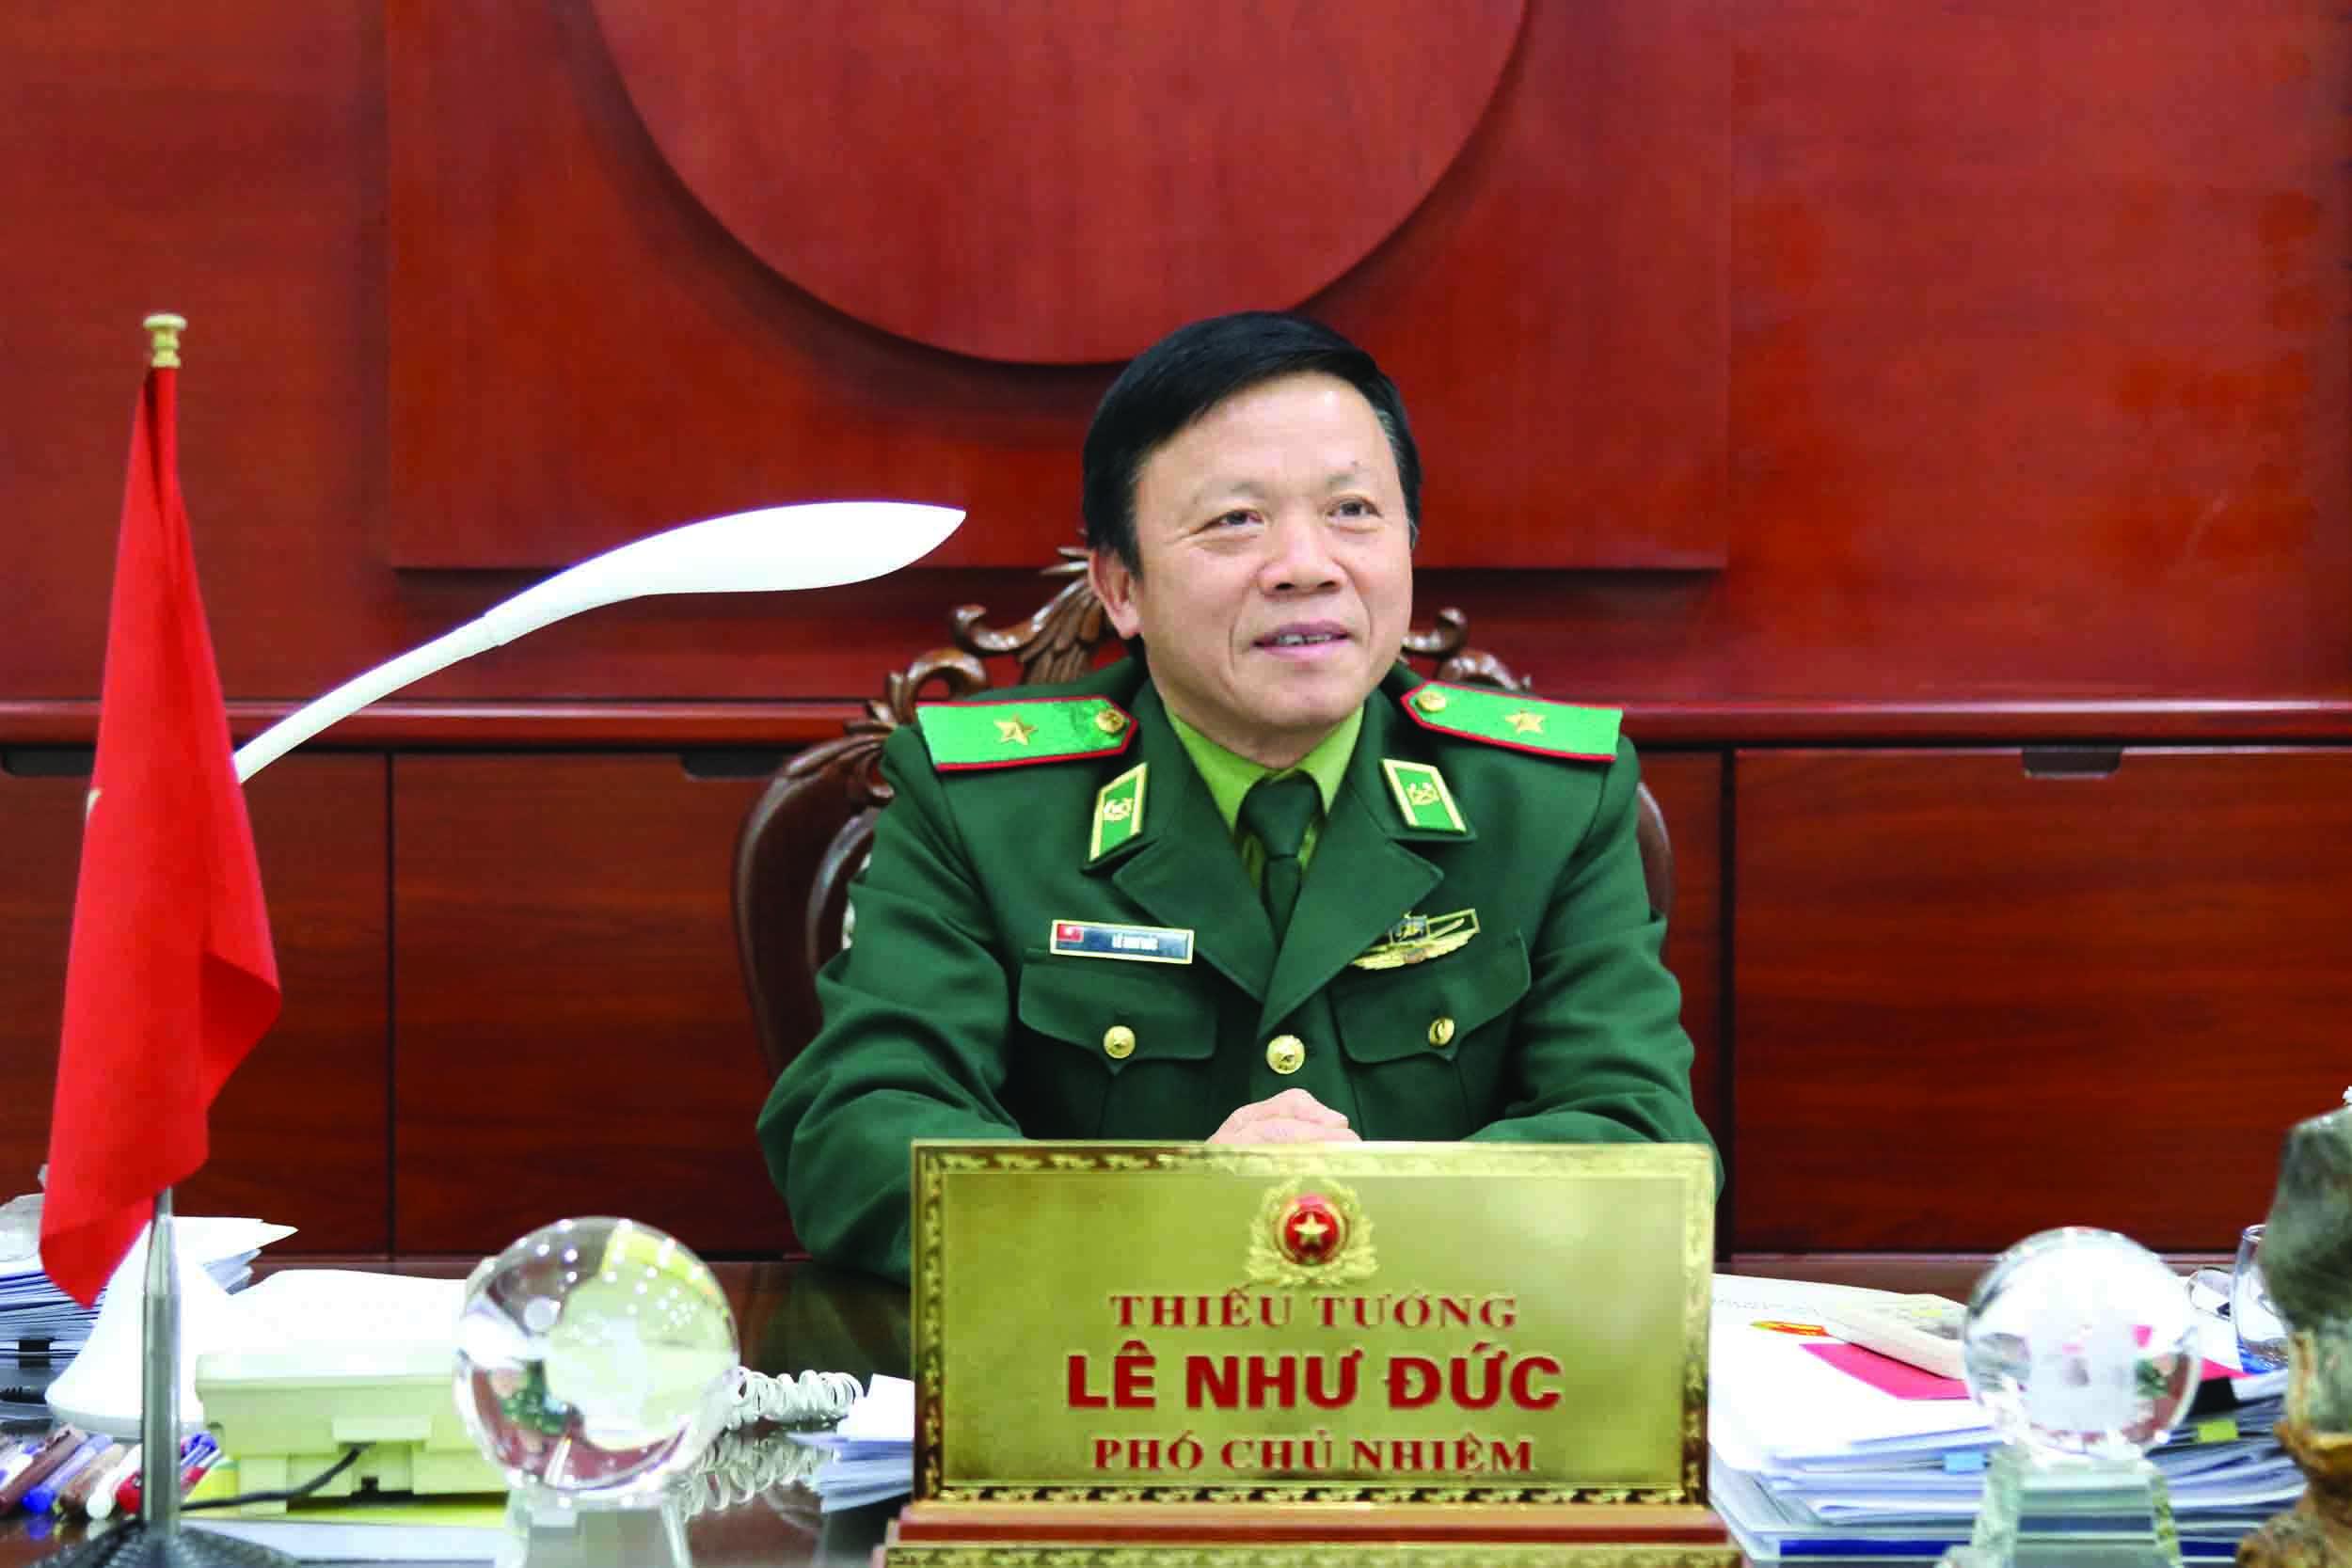 Thiếu tướng Lê Như Đức trả lời phỏng vấn Báo Dân tộc và Phát triển.